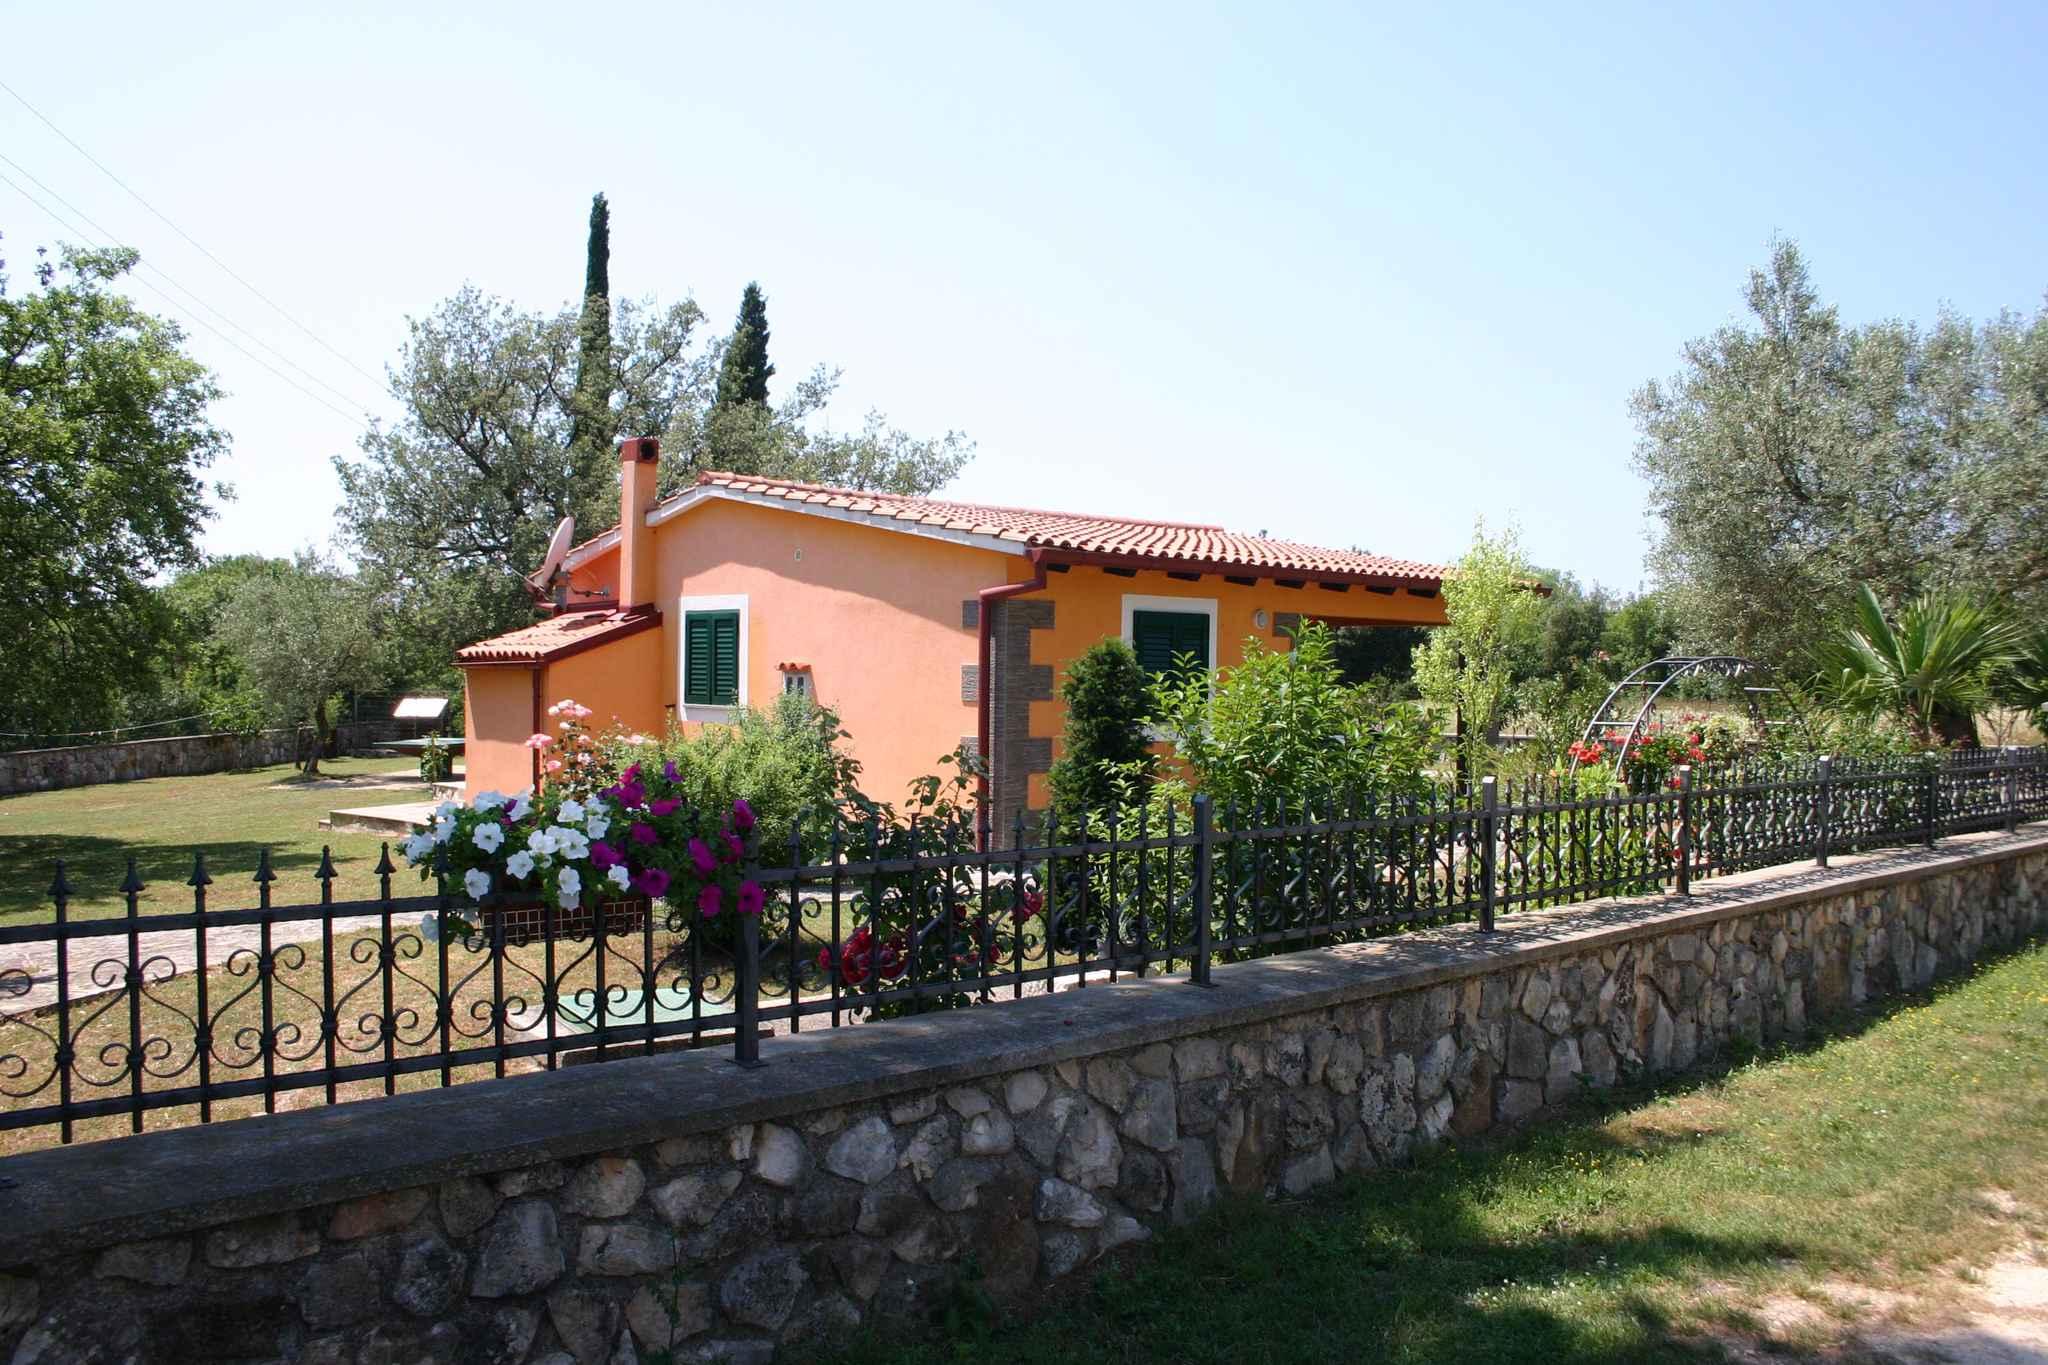 Ferienhaus mit Garten, 2,5km vom Meer entfernt (281005), Rovinj, , Istrien, Kroatien, Bild 1